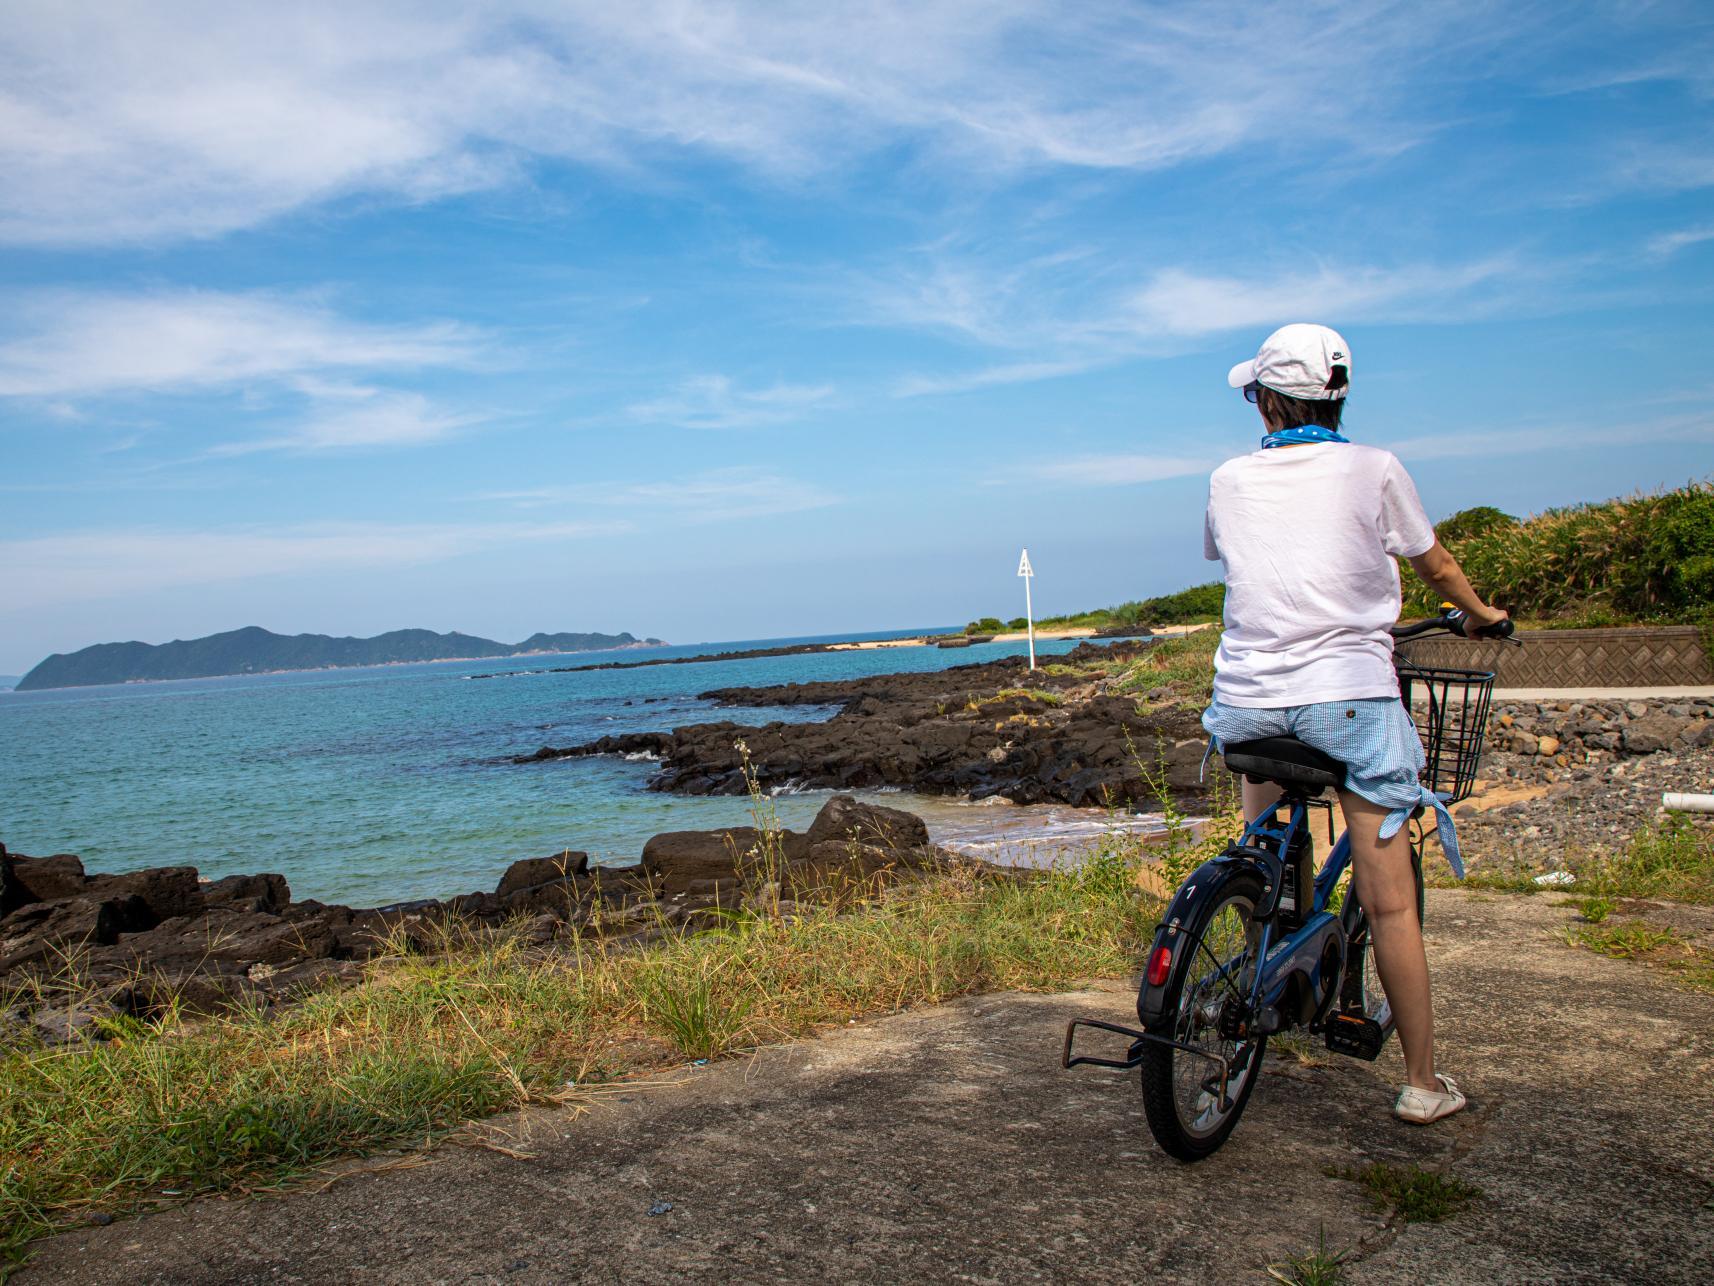 エコで手軽なサイクリングで島内めぐりを満喫-0